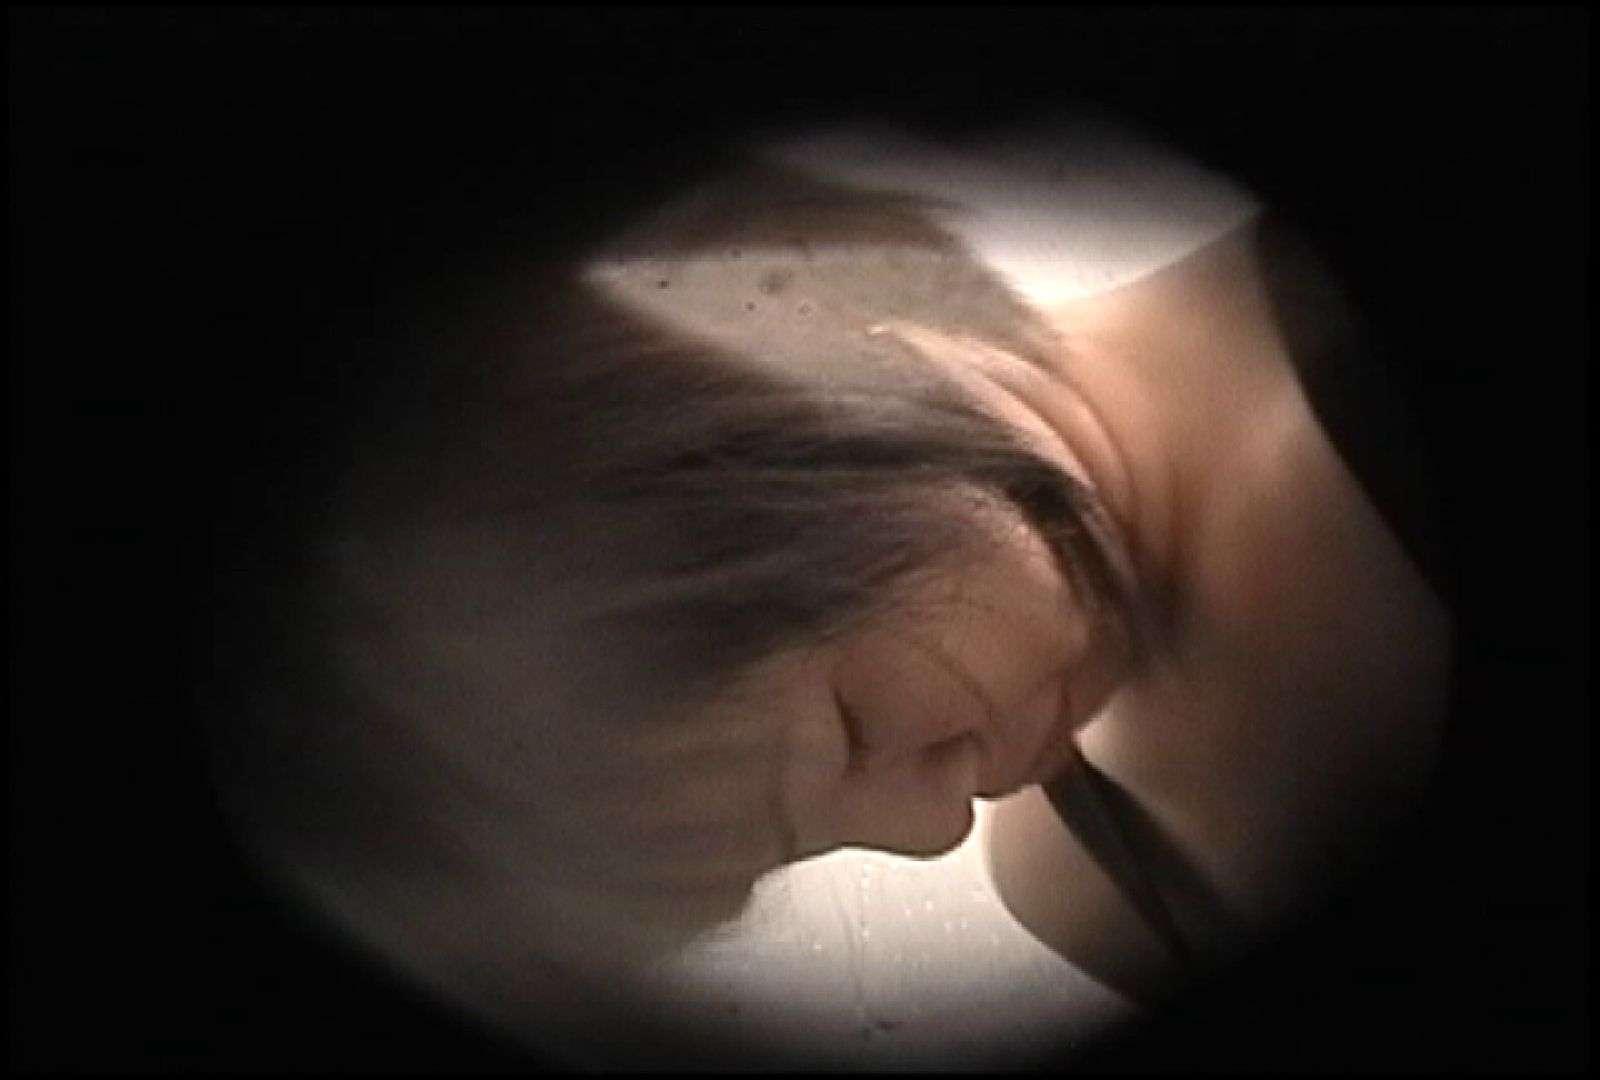 No.131 柔らかいおっぱいをブラに収める仕草 おっぱい エロ画像 68PIX 67